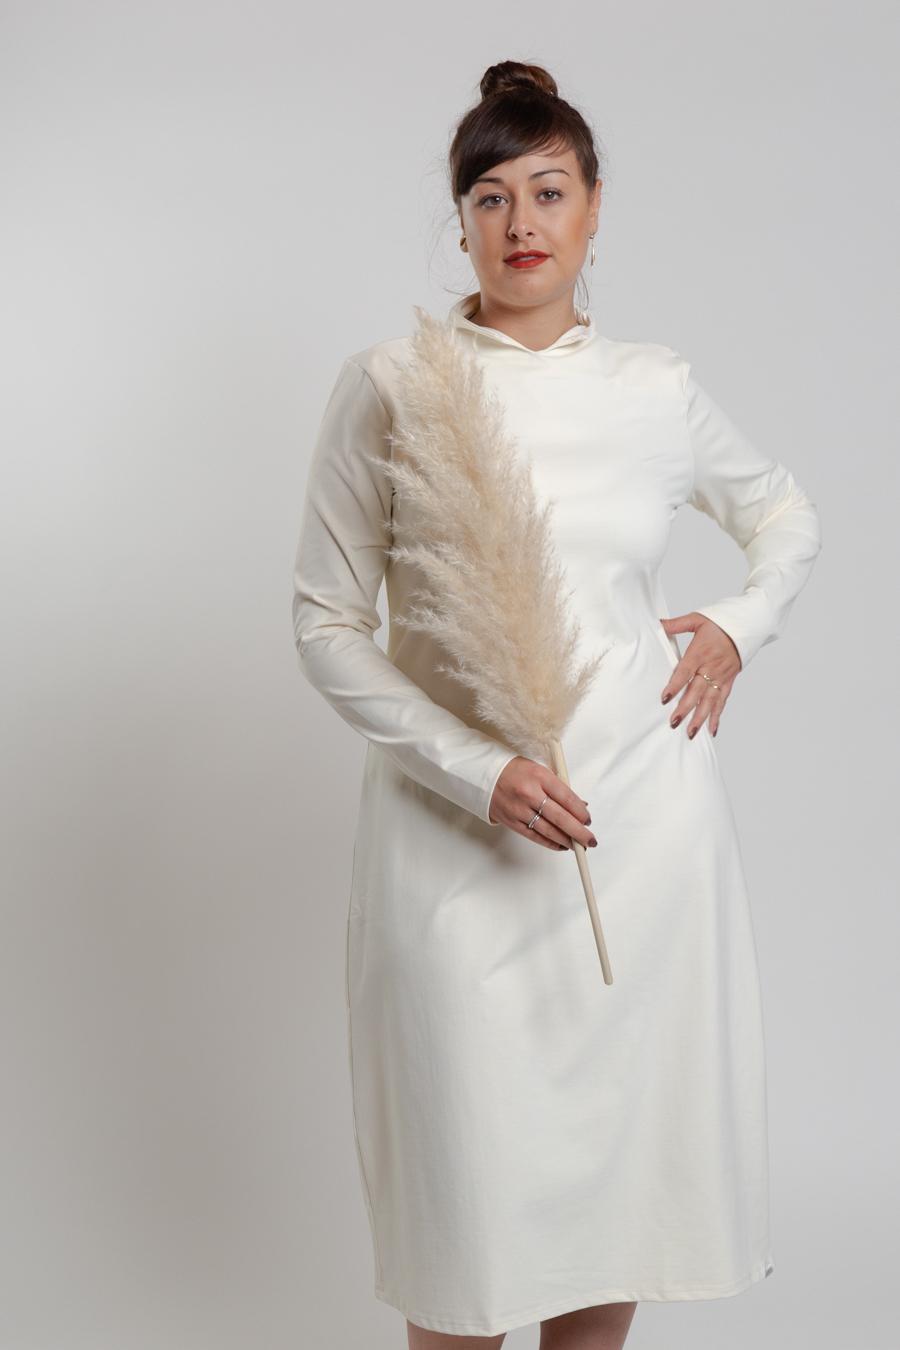 Kleid offwhite - Penn&Ink N.Y